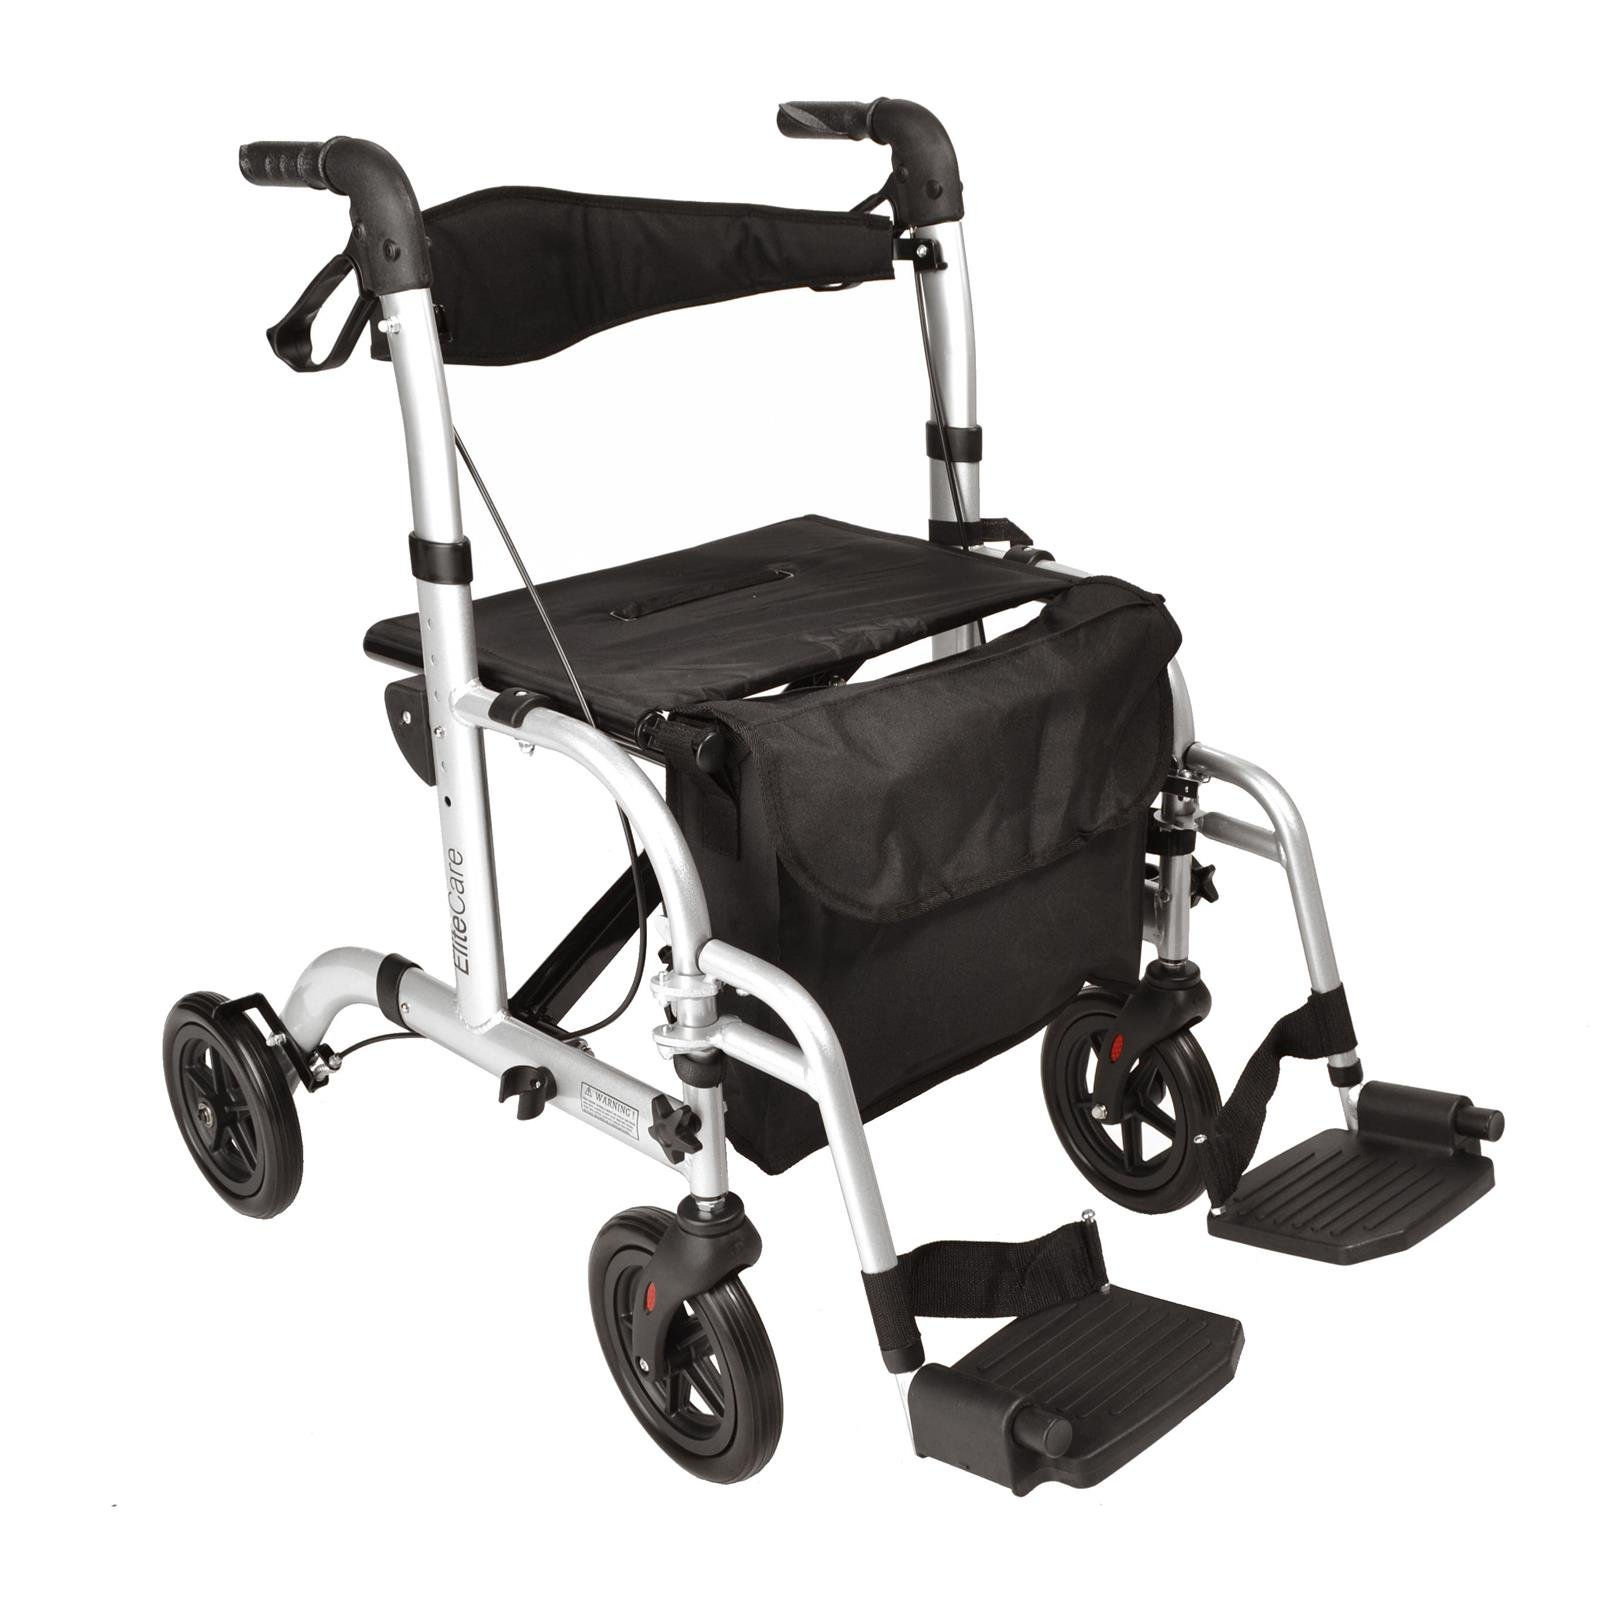 Elite Care Hybrid 2 In 1 Rollator Walking Frame / Folding Transfer Wheelchair